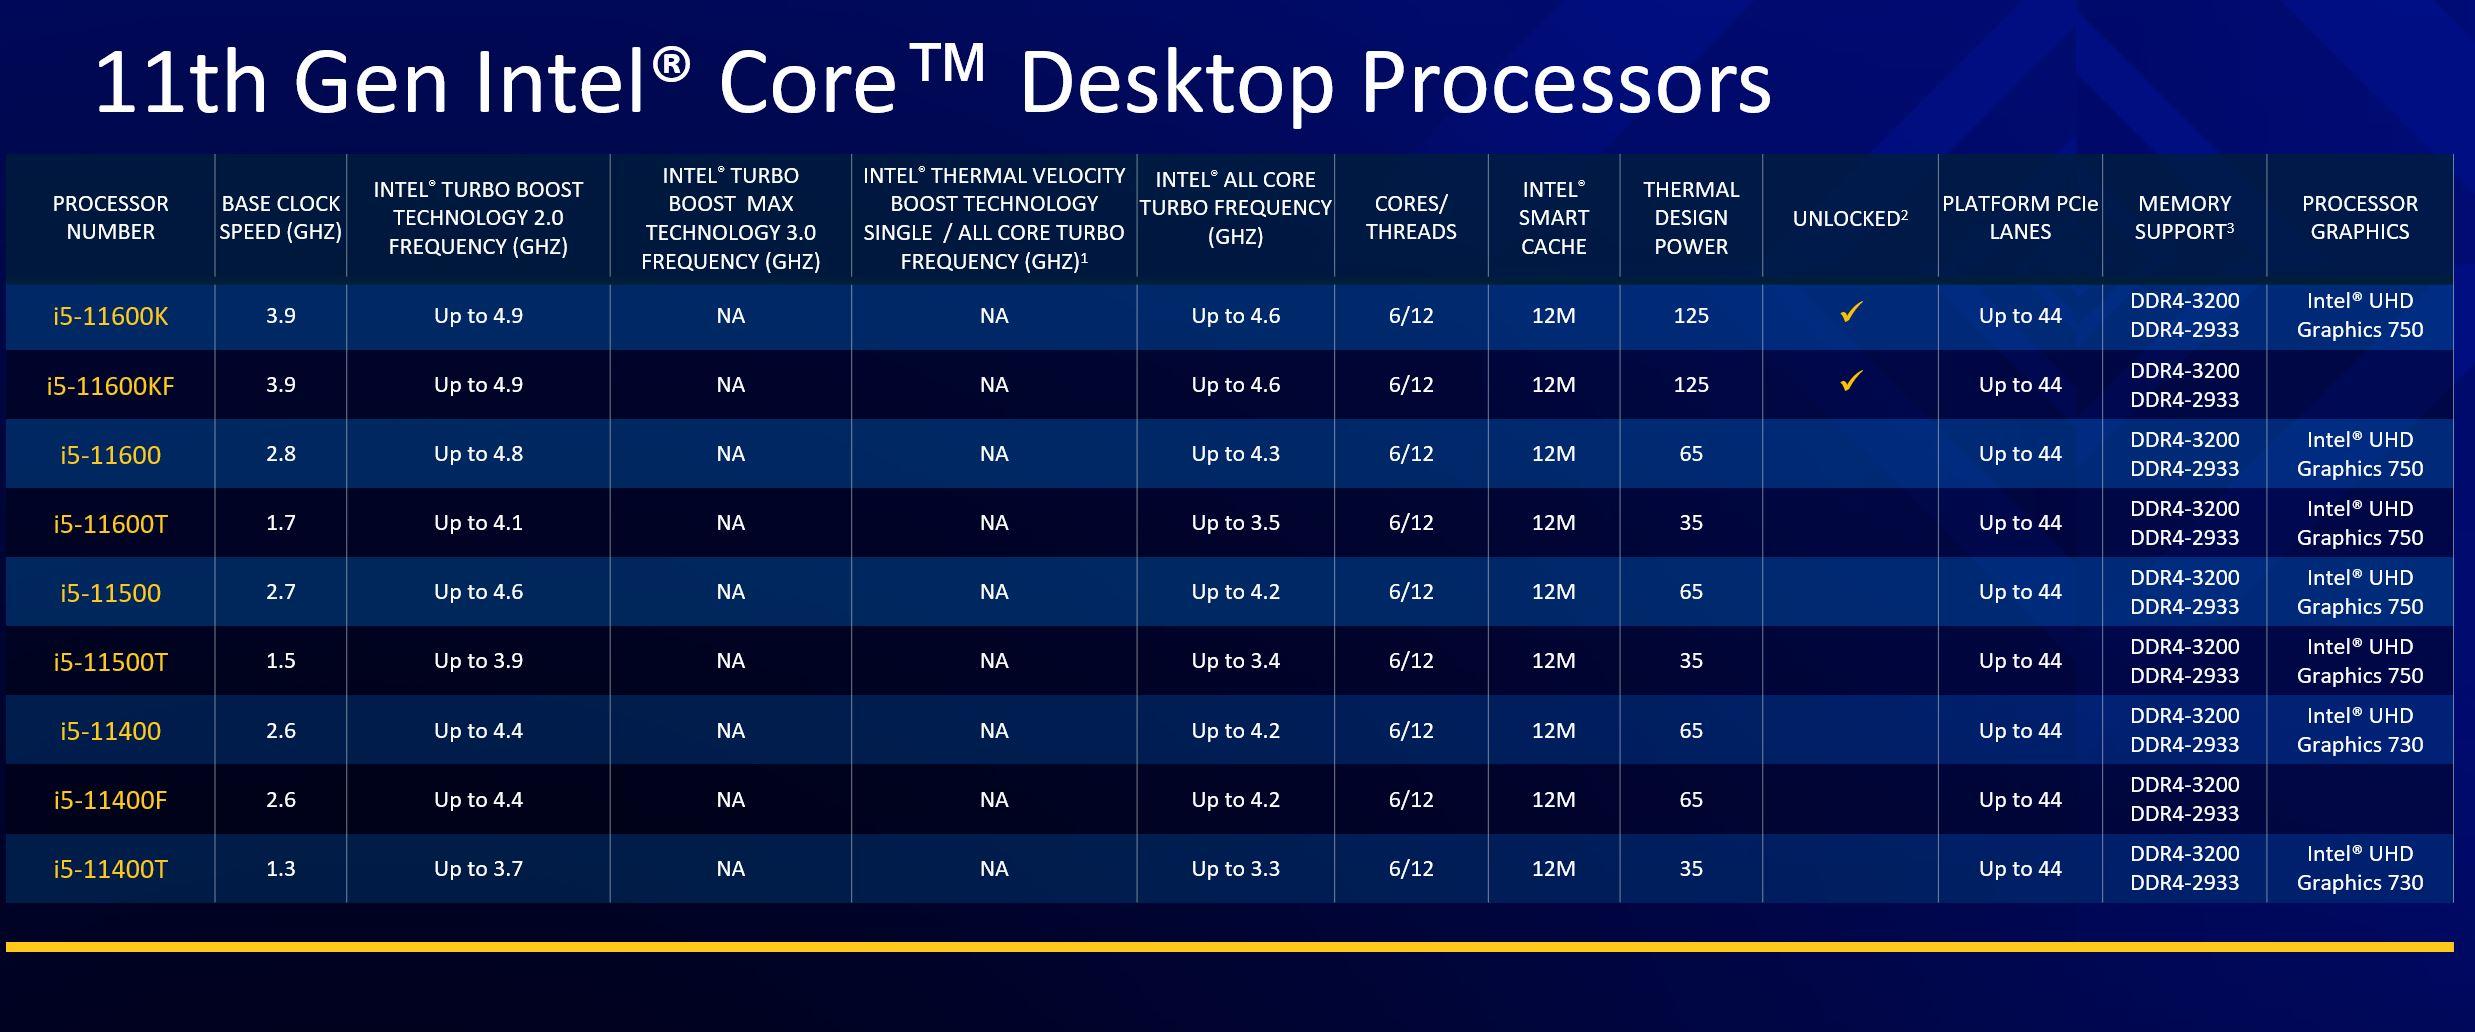 Intel 11th Gen Core Desktop Rocket Lake S SKU List 2